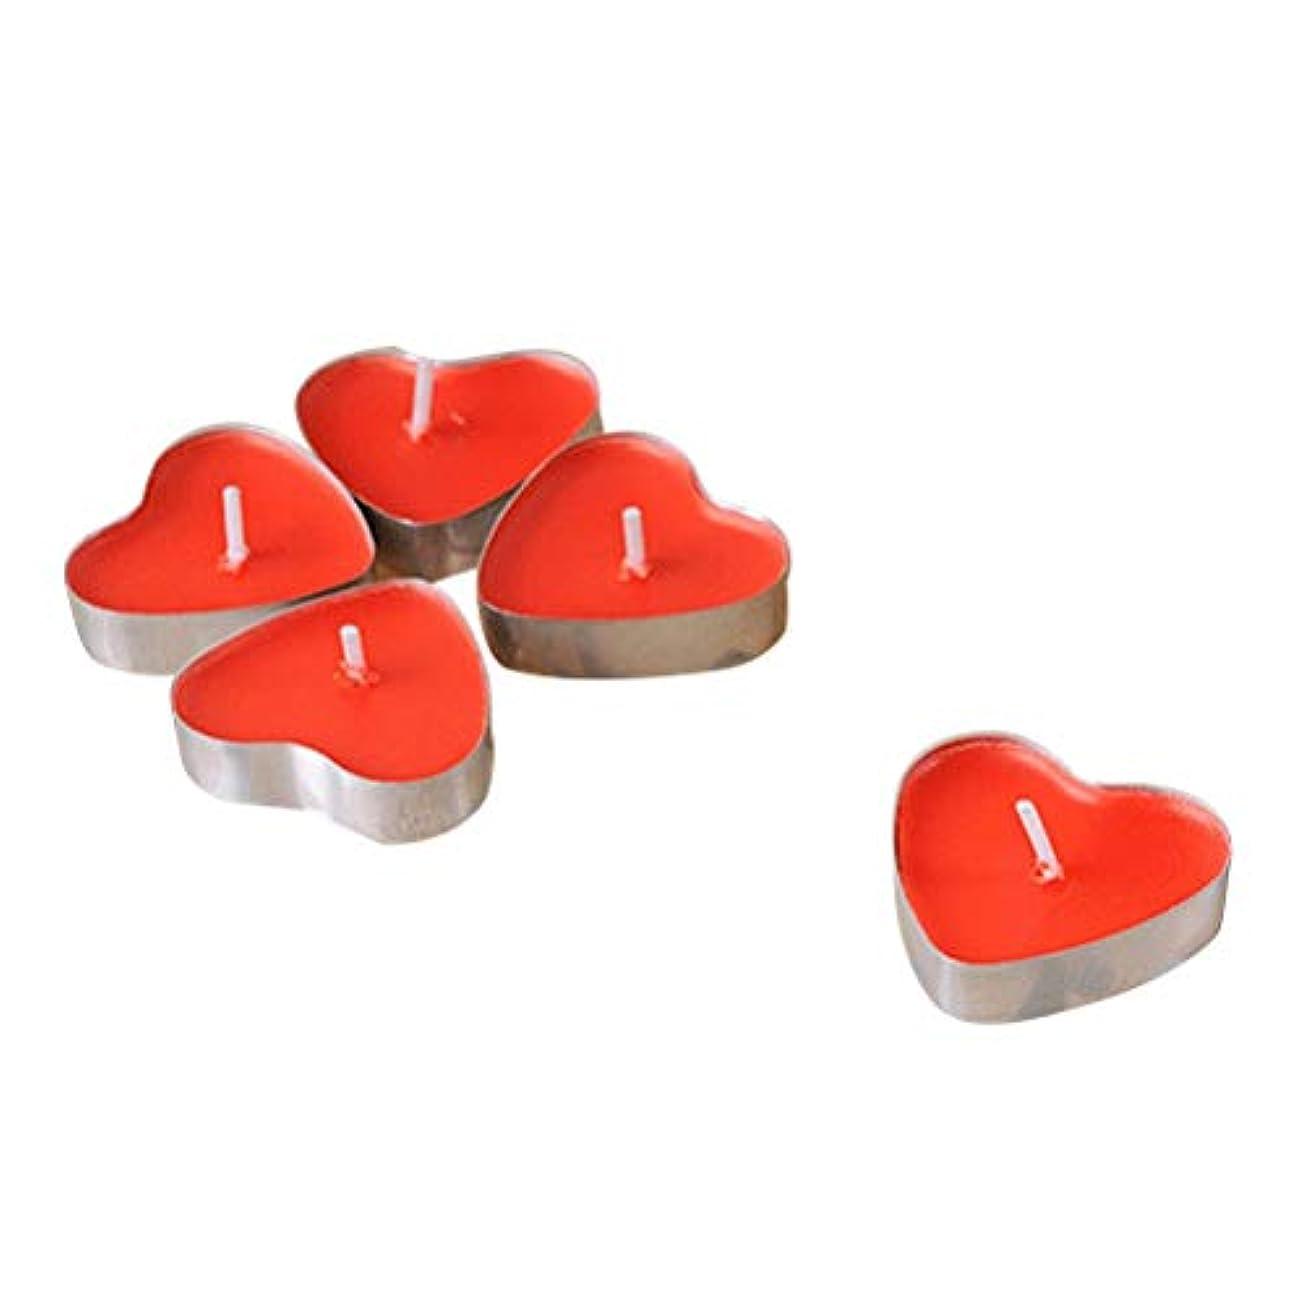 死にかけている大気軍VORCOOL 50本禁煙ロマンチックな蝋燭の結婚提案ハート型のろうそくの蝋燭